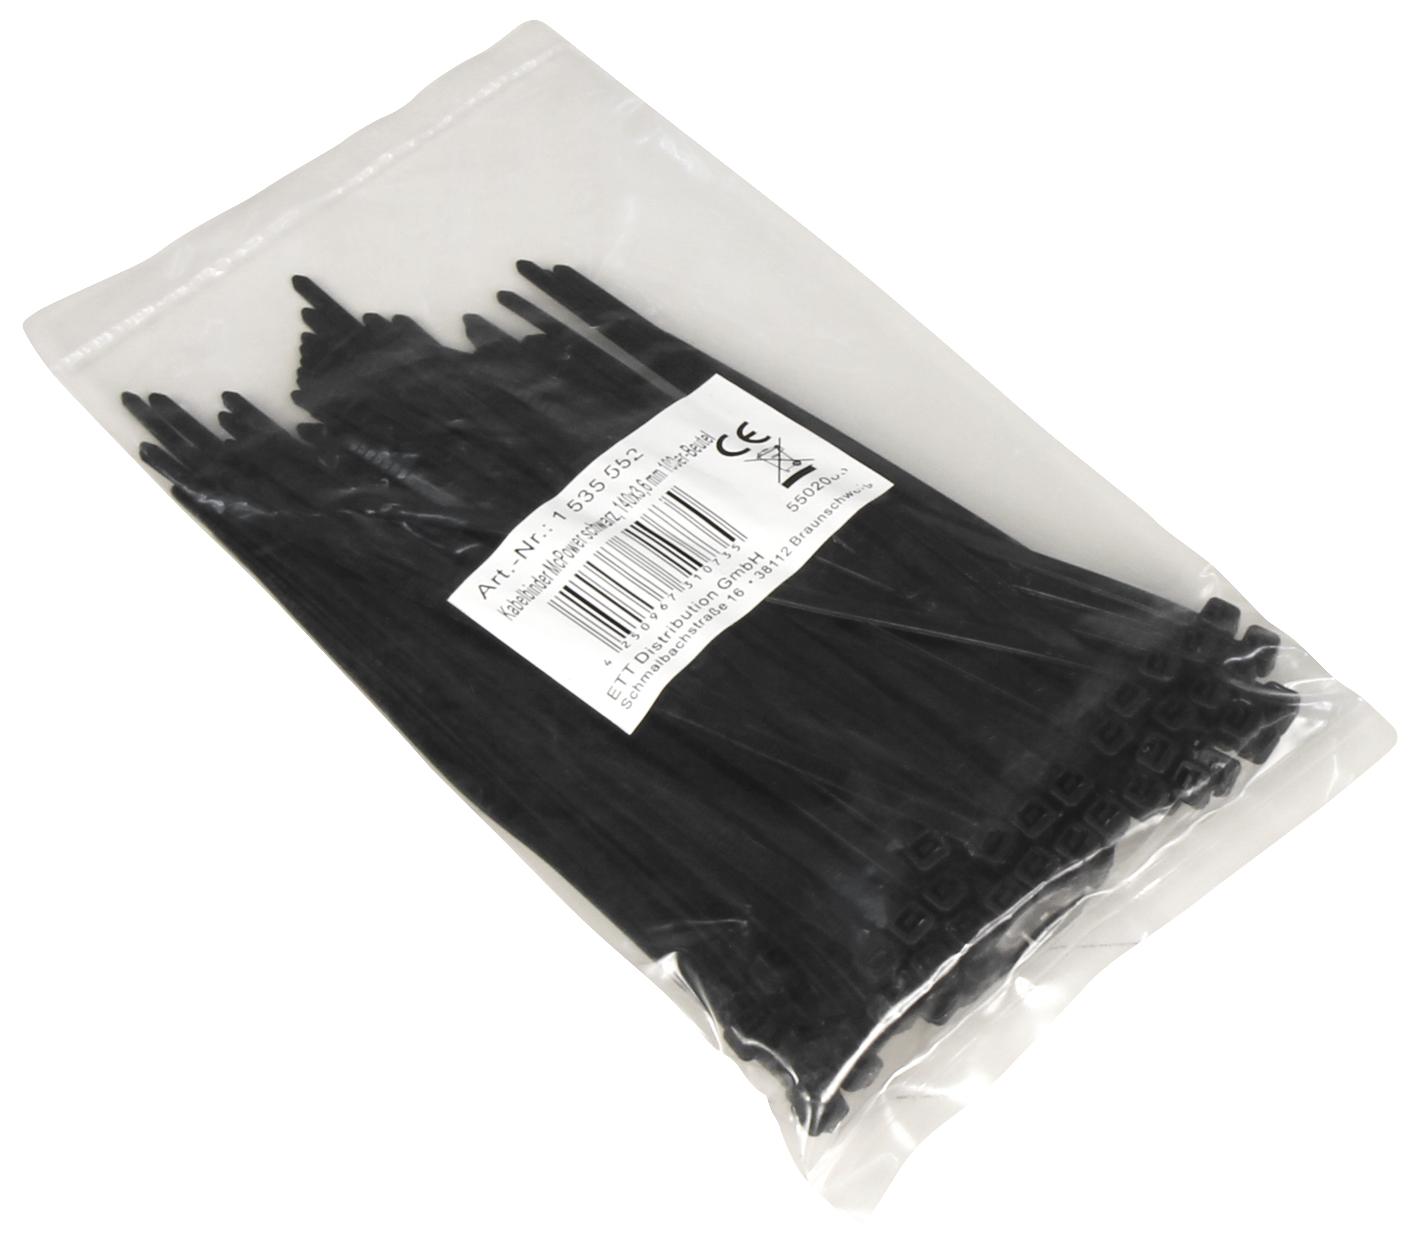 Kabelbinder McPower, schwarz, 140x3,6mm, 100er-Pack, UV beständig